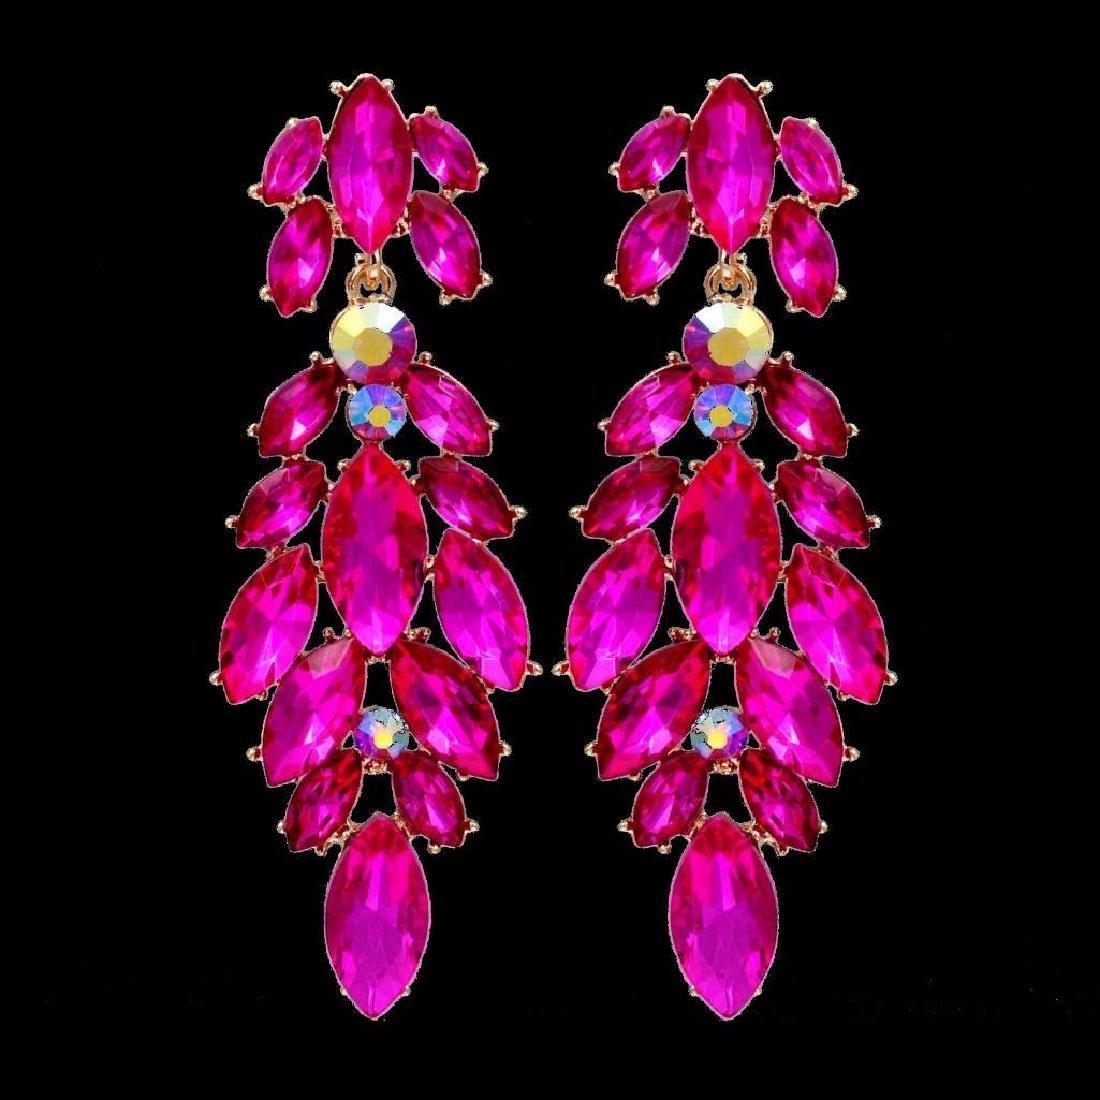 18k Gold Plated Fuchsia Crystal Rhinestone Chandelier